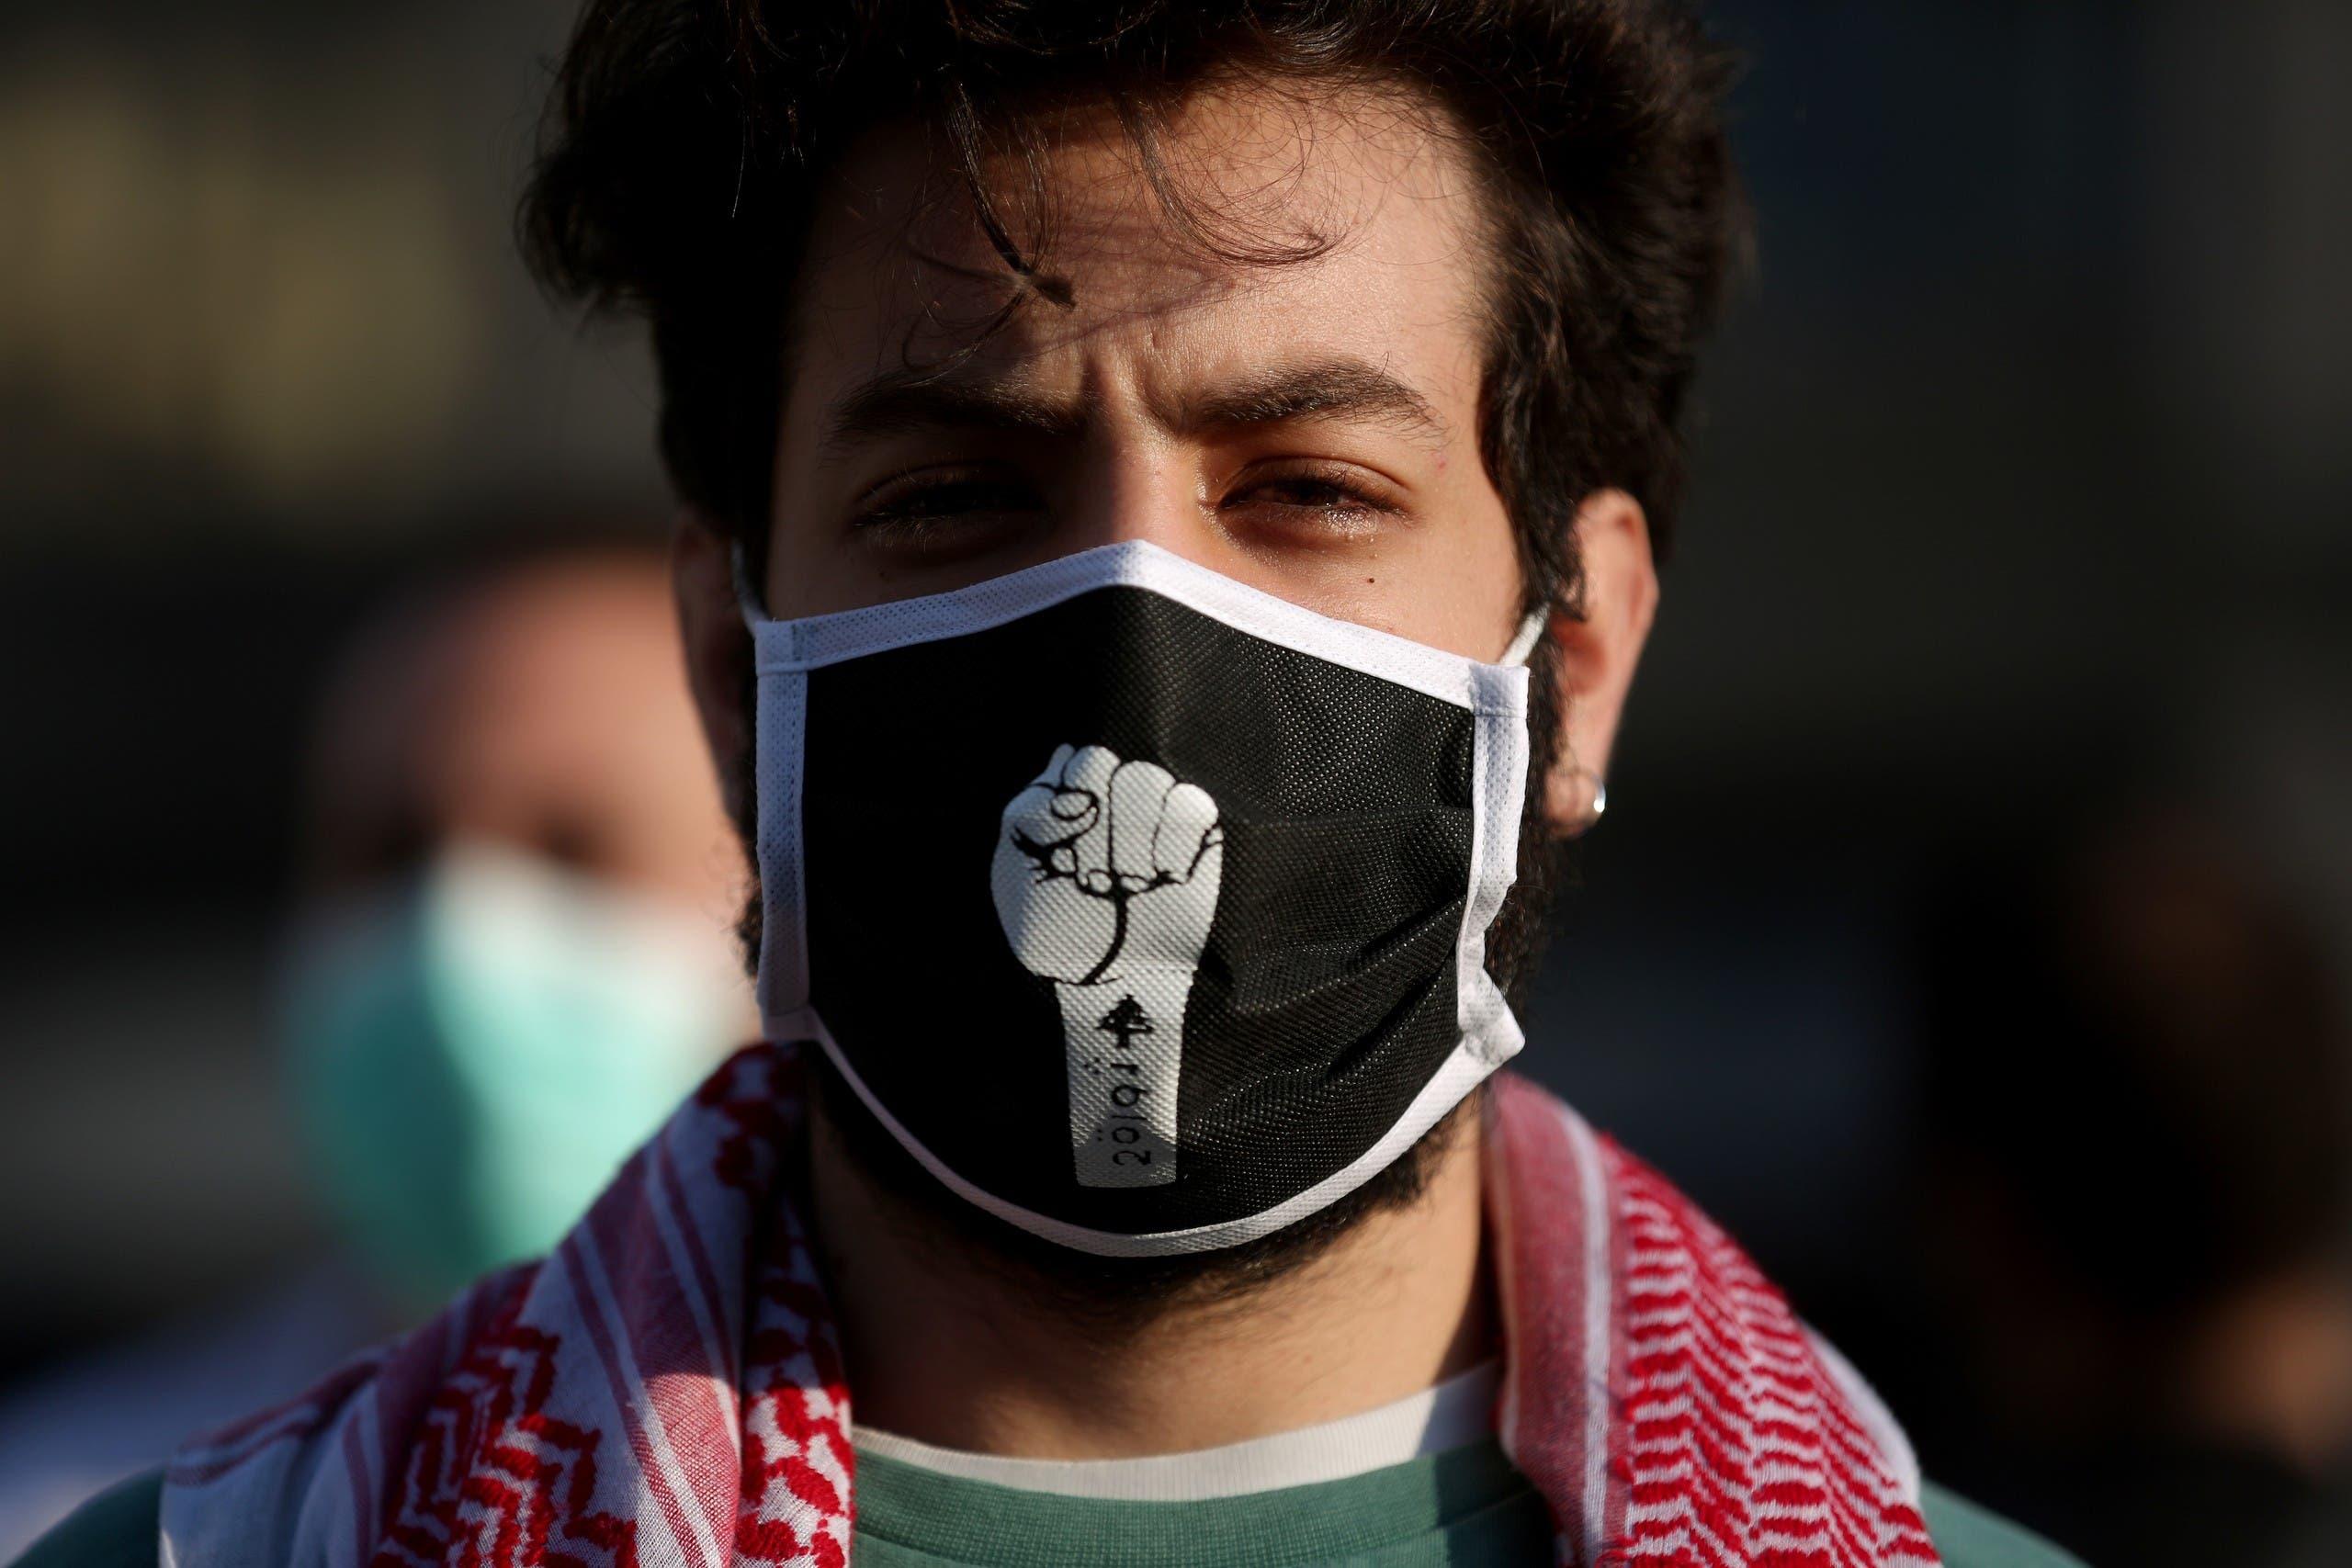 """متظاهر في لبنان يضع كمامة عليها علامة """"الثورة"""""""